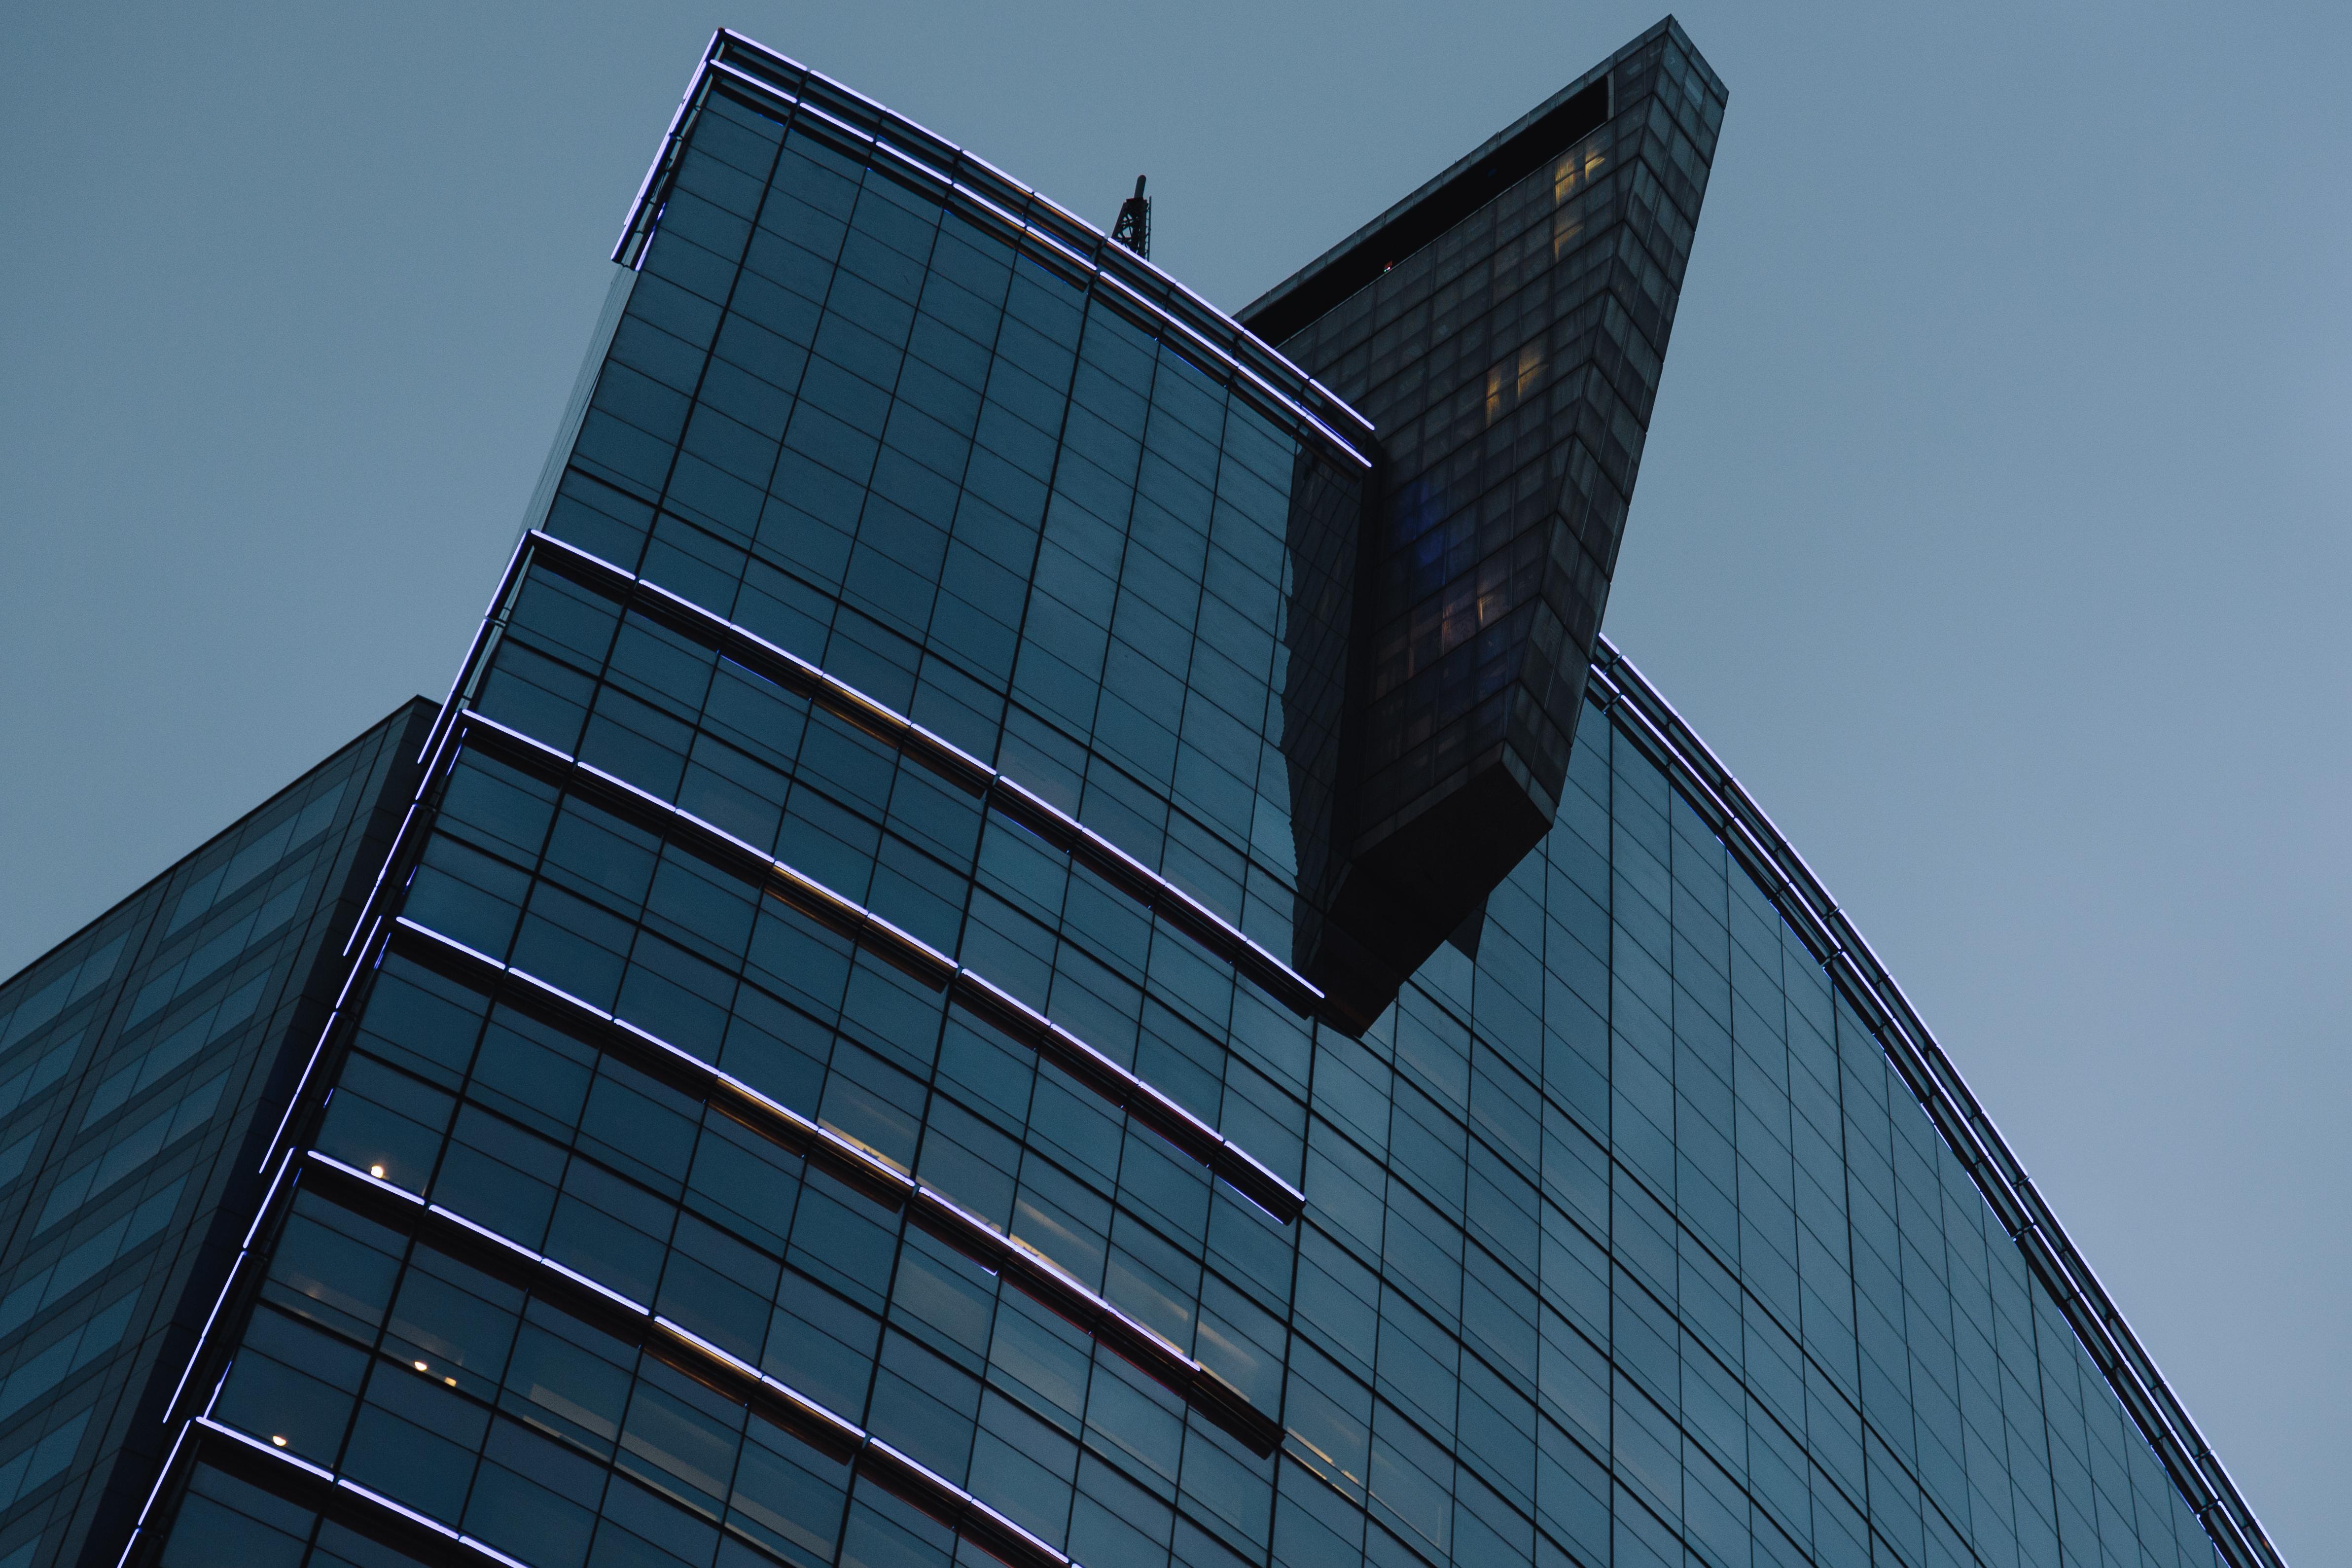 Ny City Architecture